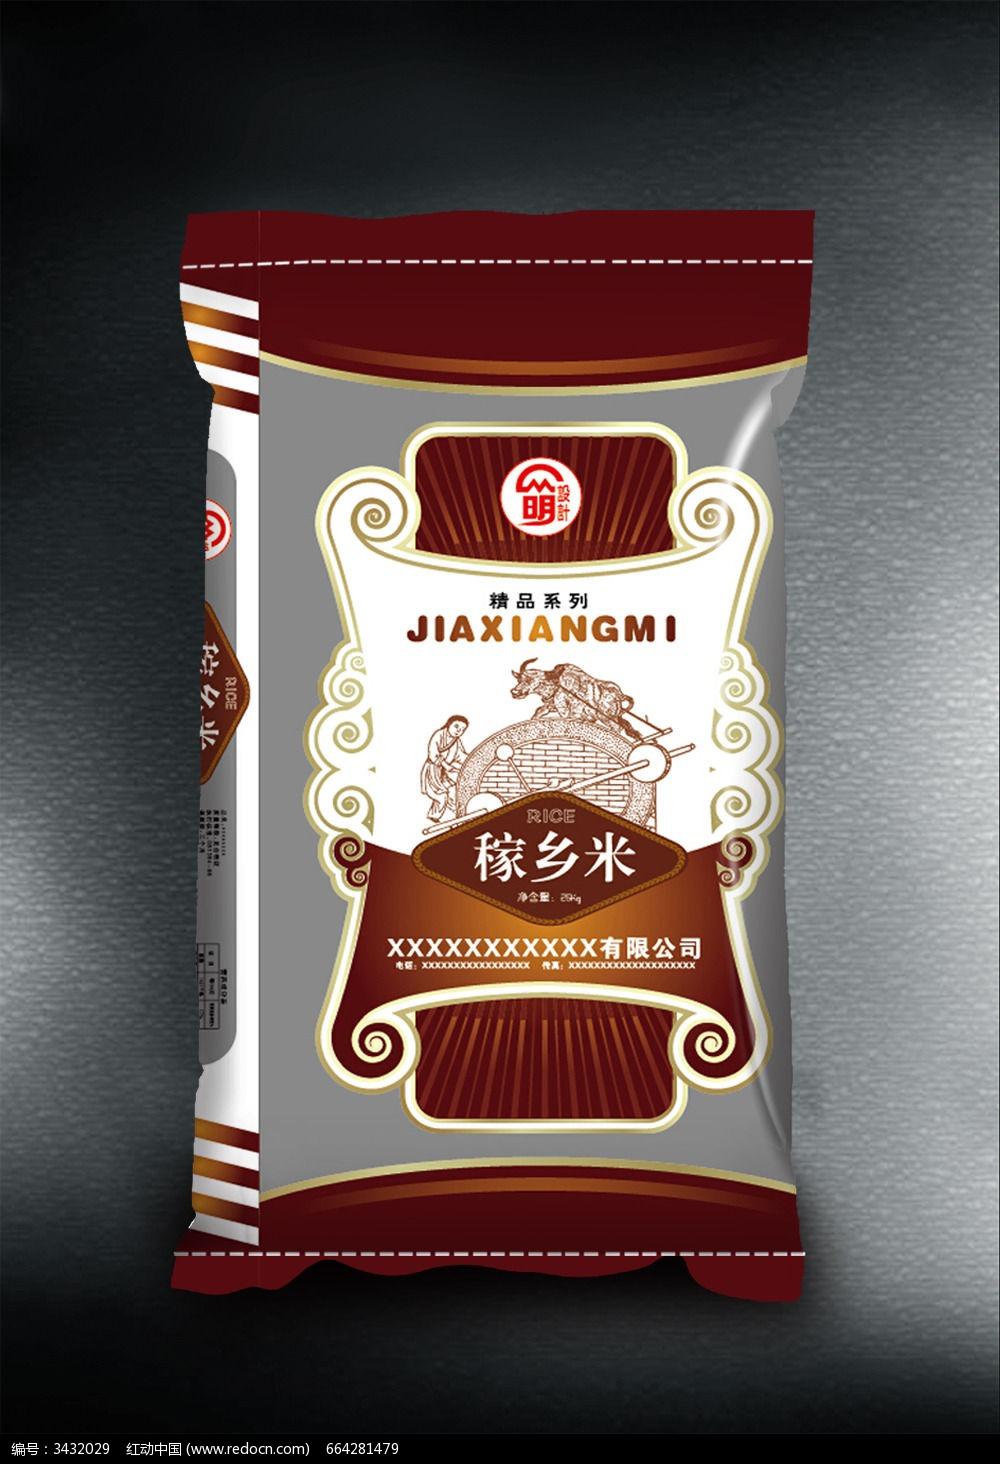 咖啡色大米包装袋子设计图片